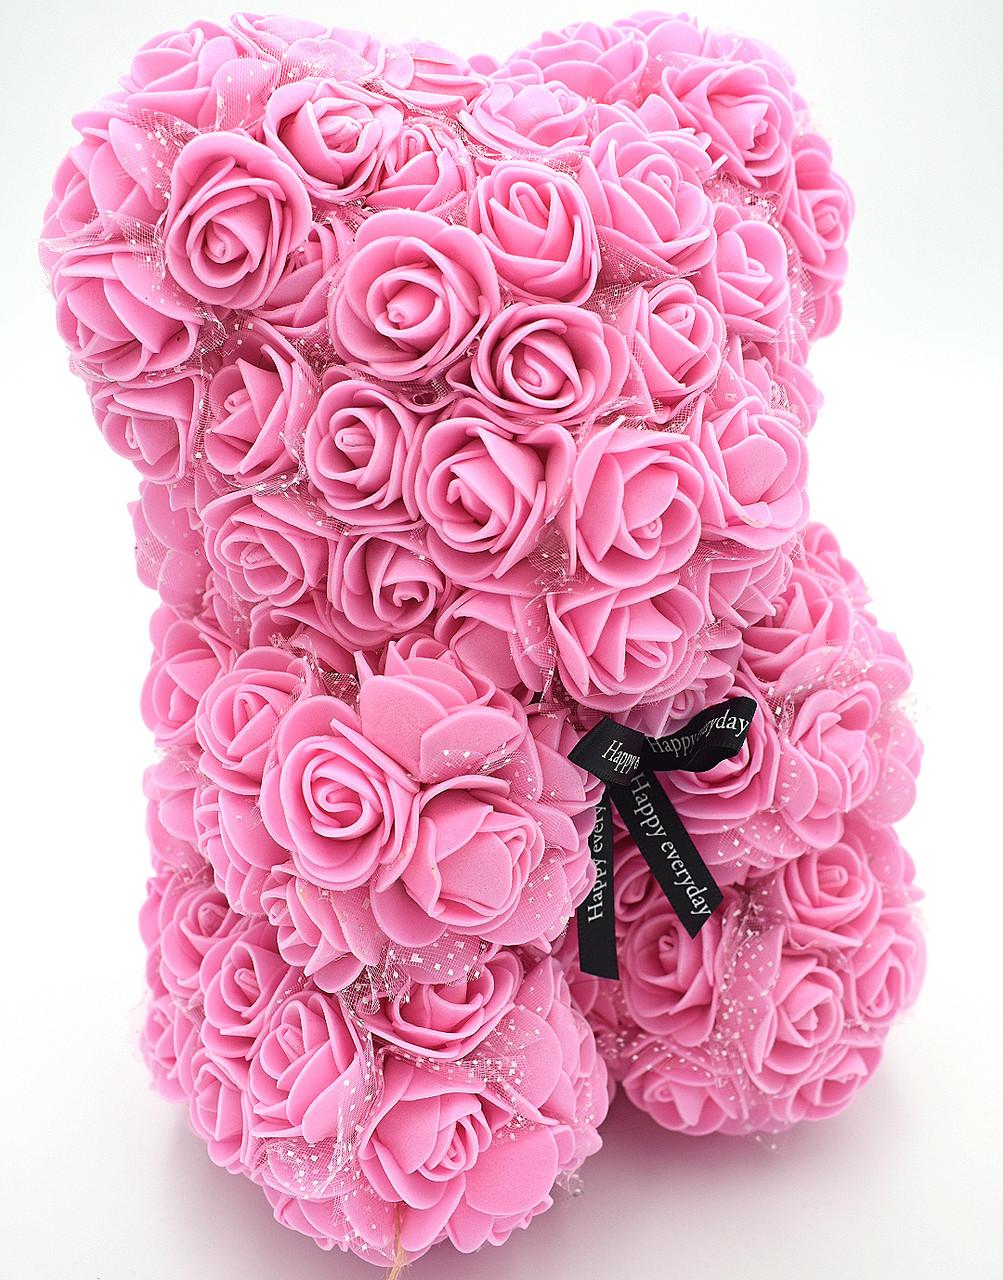 Мишка из розовых 3D роз с фатином 25 см медведь Тедди в подарочной упаковке Розовый